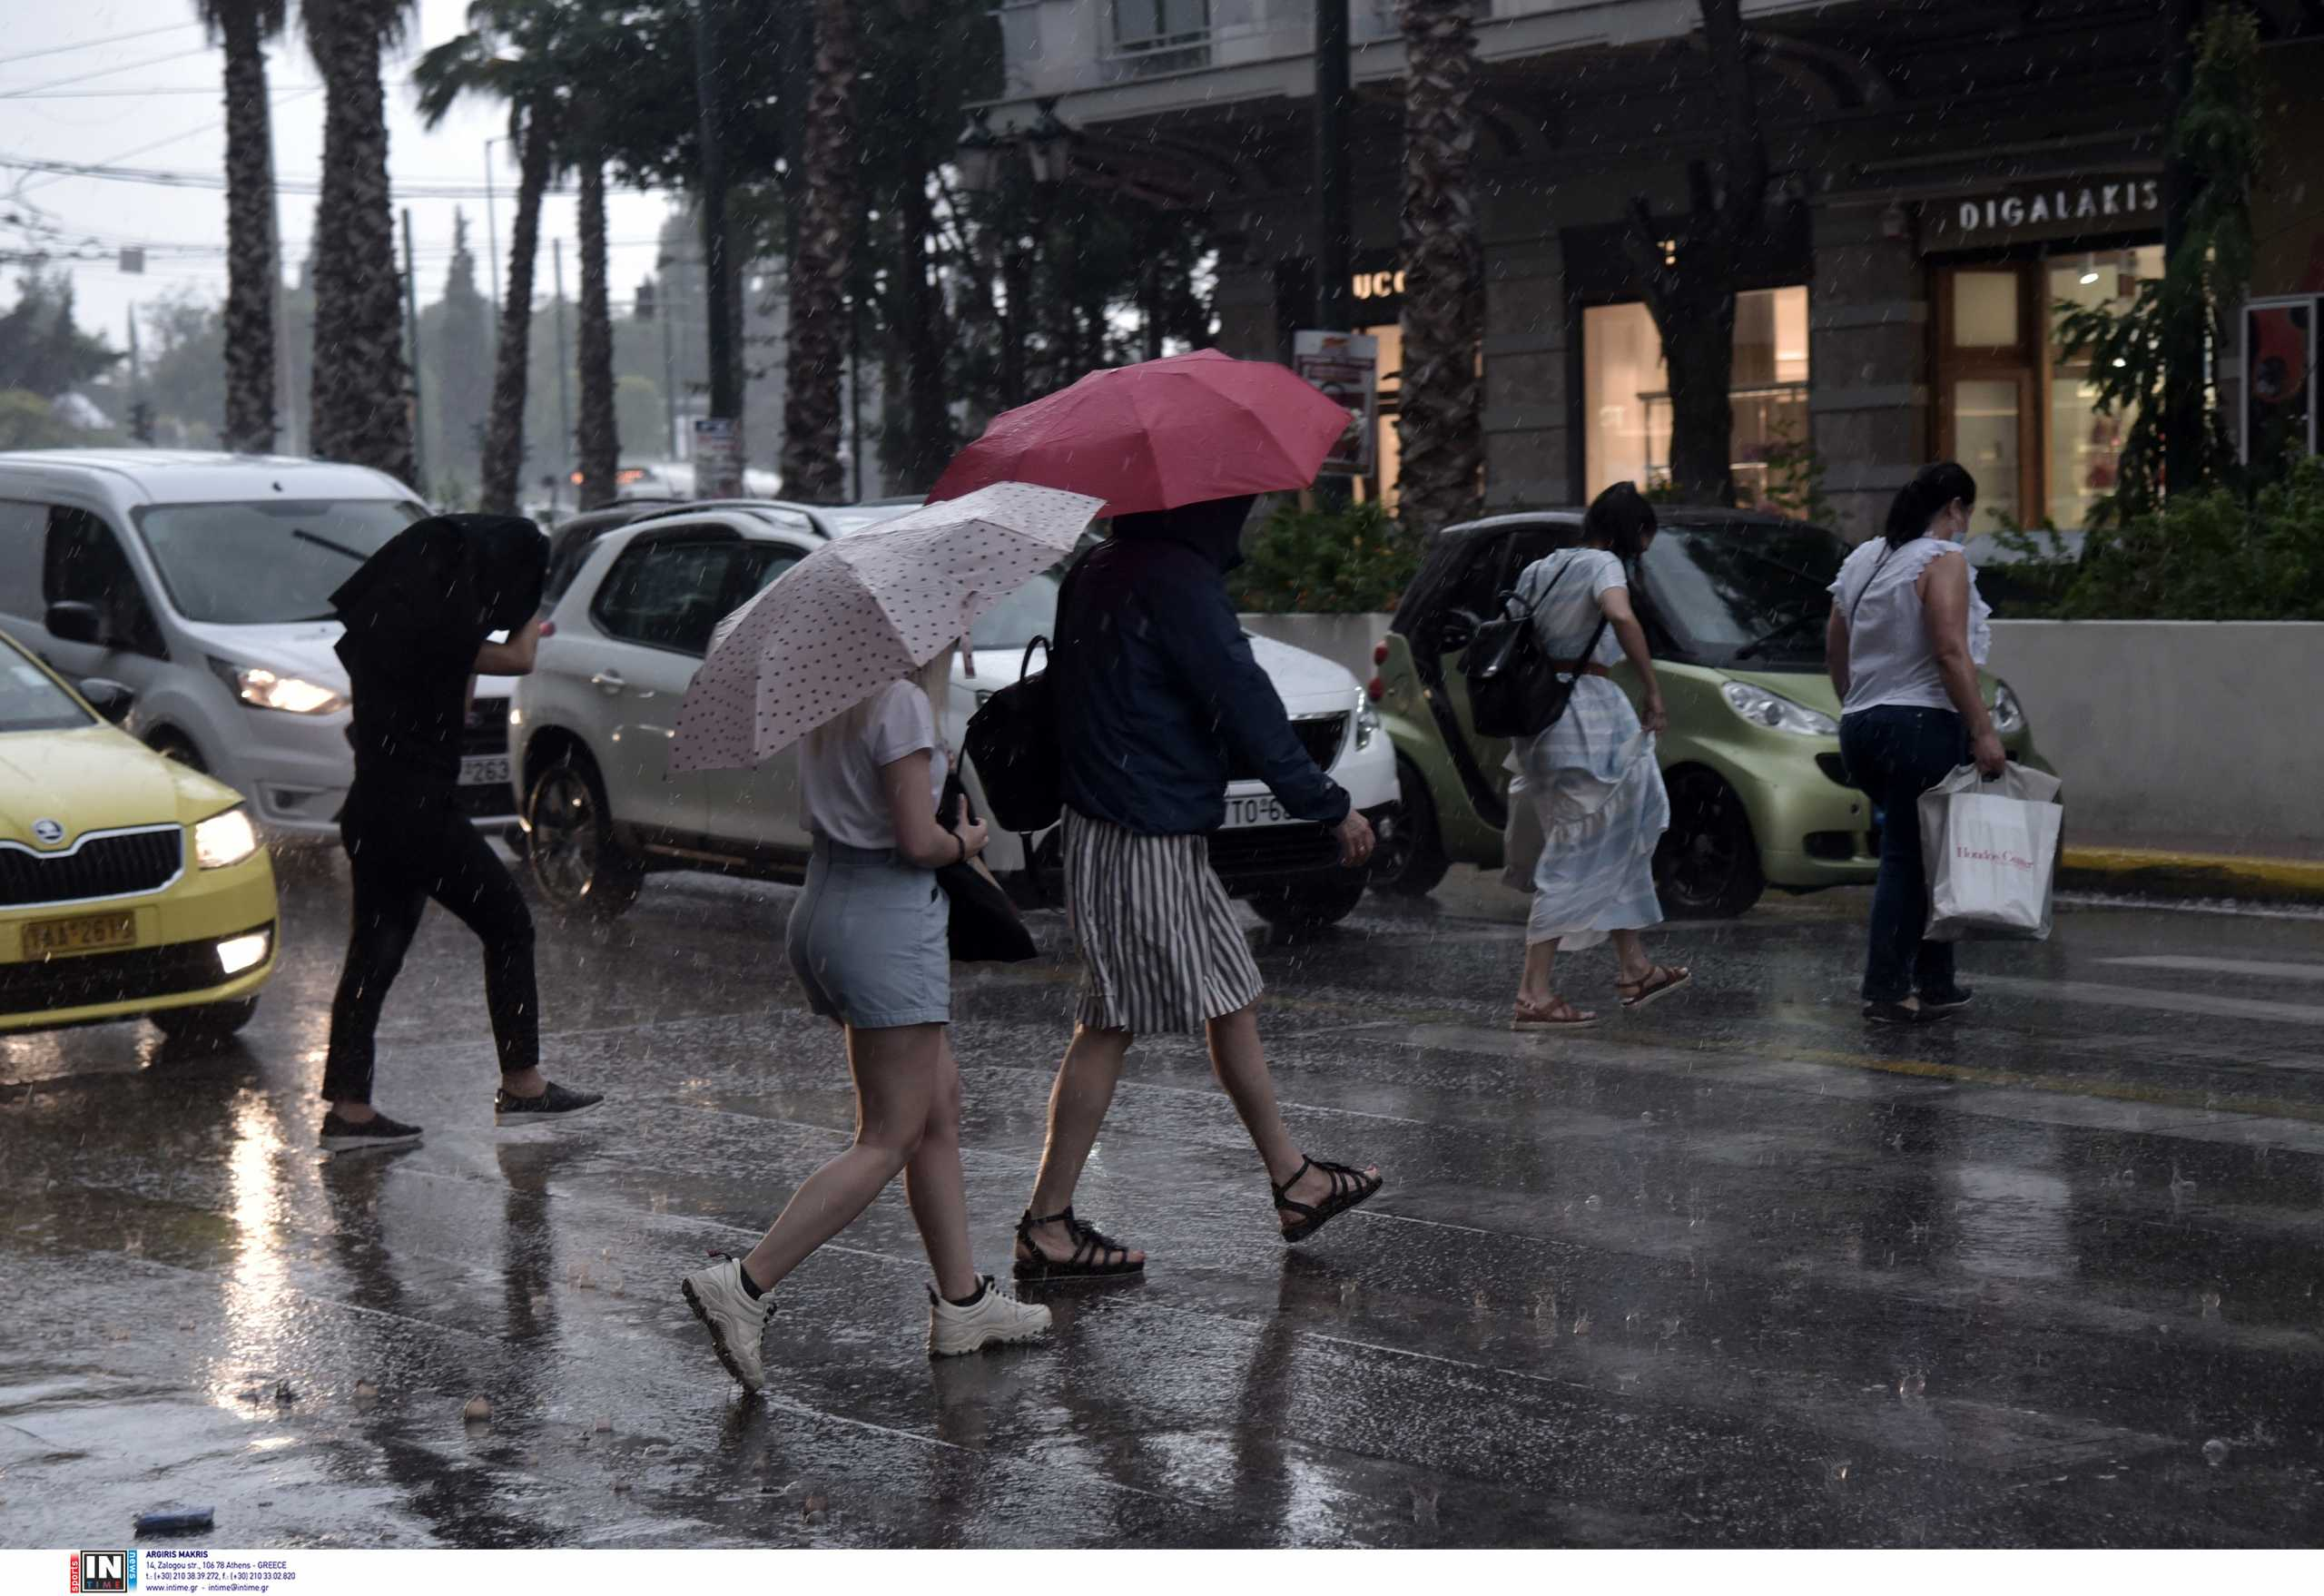 Καιρός: Ξεκίνησε η βροχή – Σε ποιες περιοχές θα πέσει χαλάζι – Χάρτες